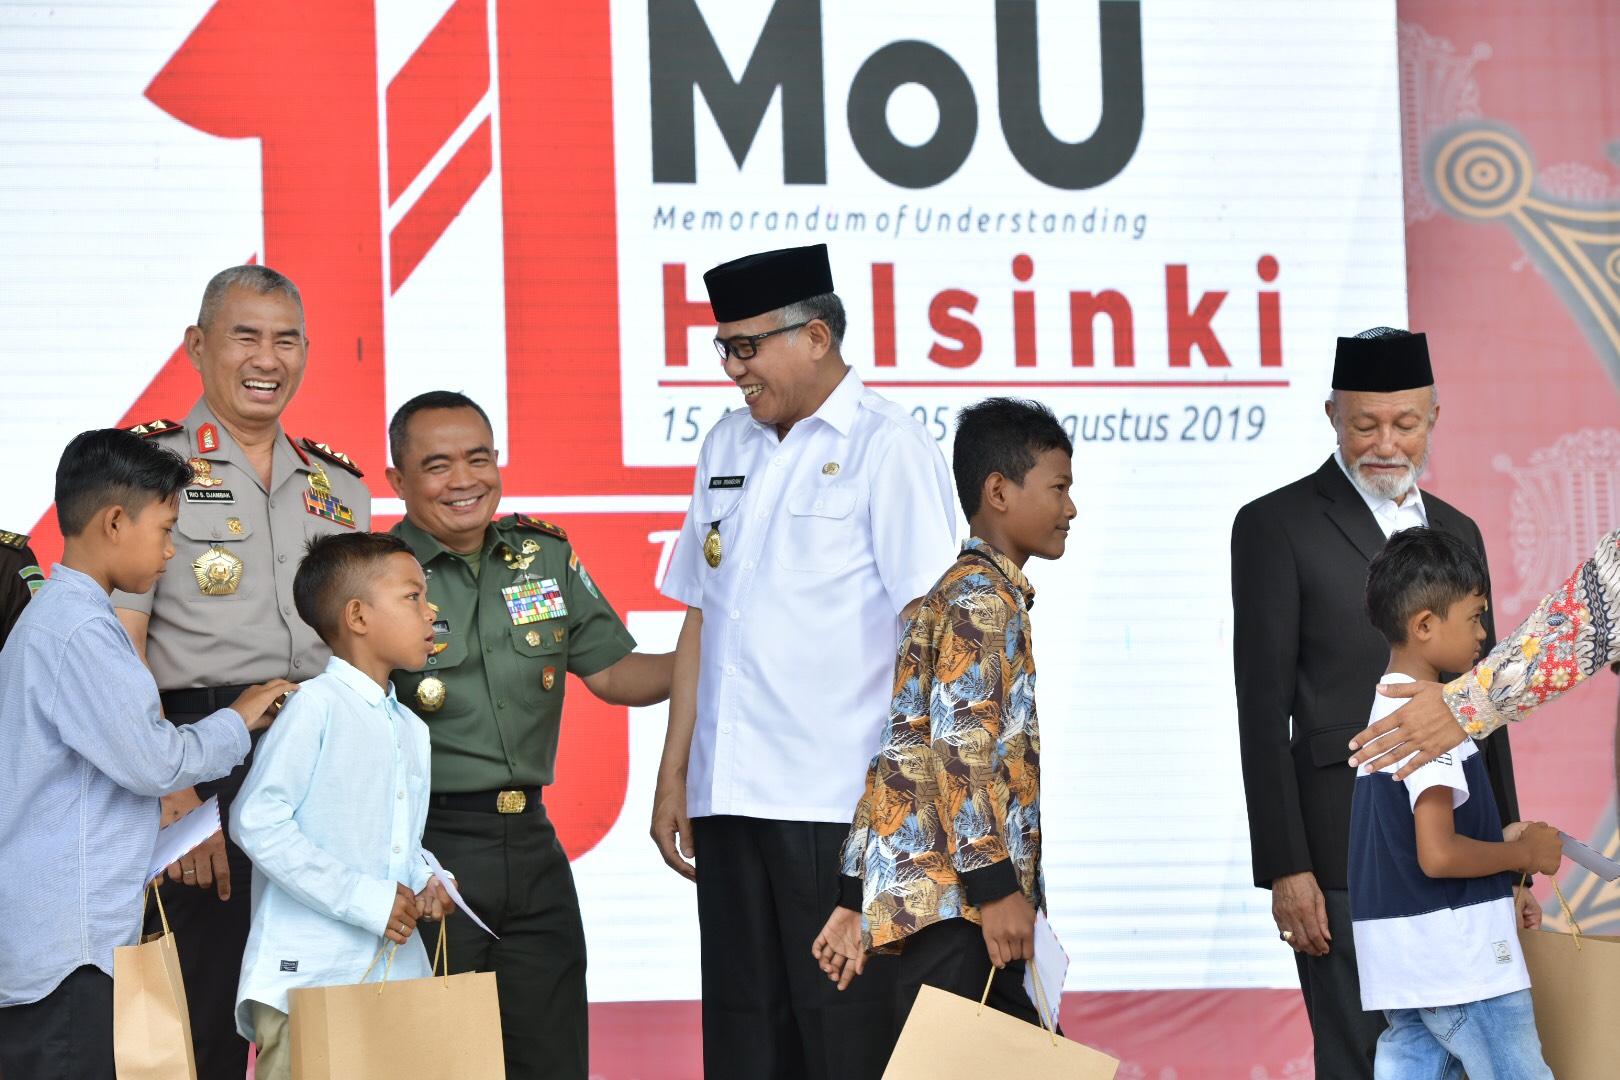 Plt Gubernur : 14 Tahun Perdamaian Jadi Refleksi Perjuangan Aceh